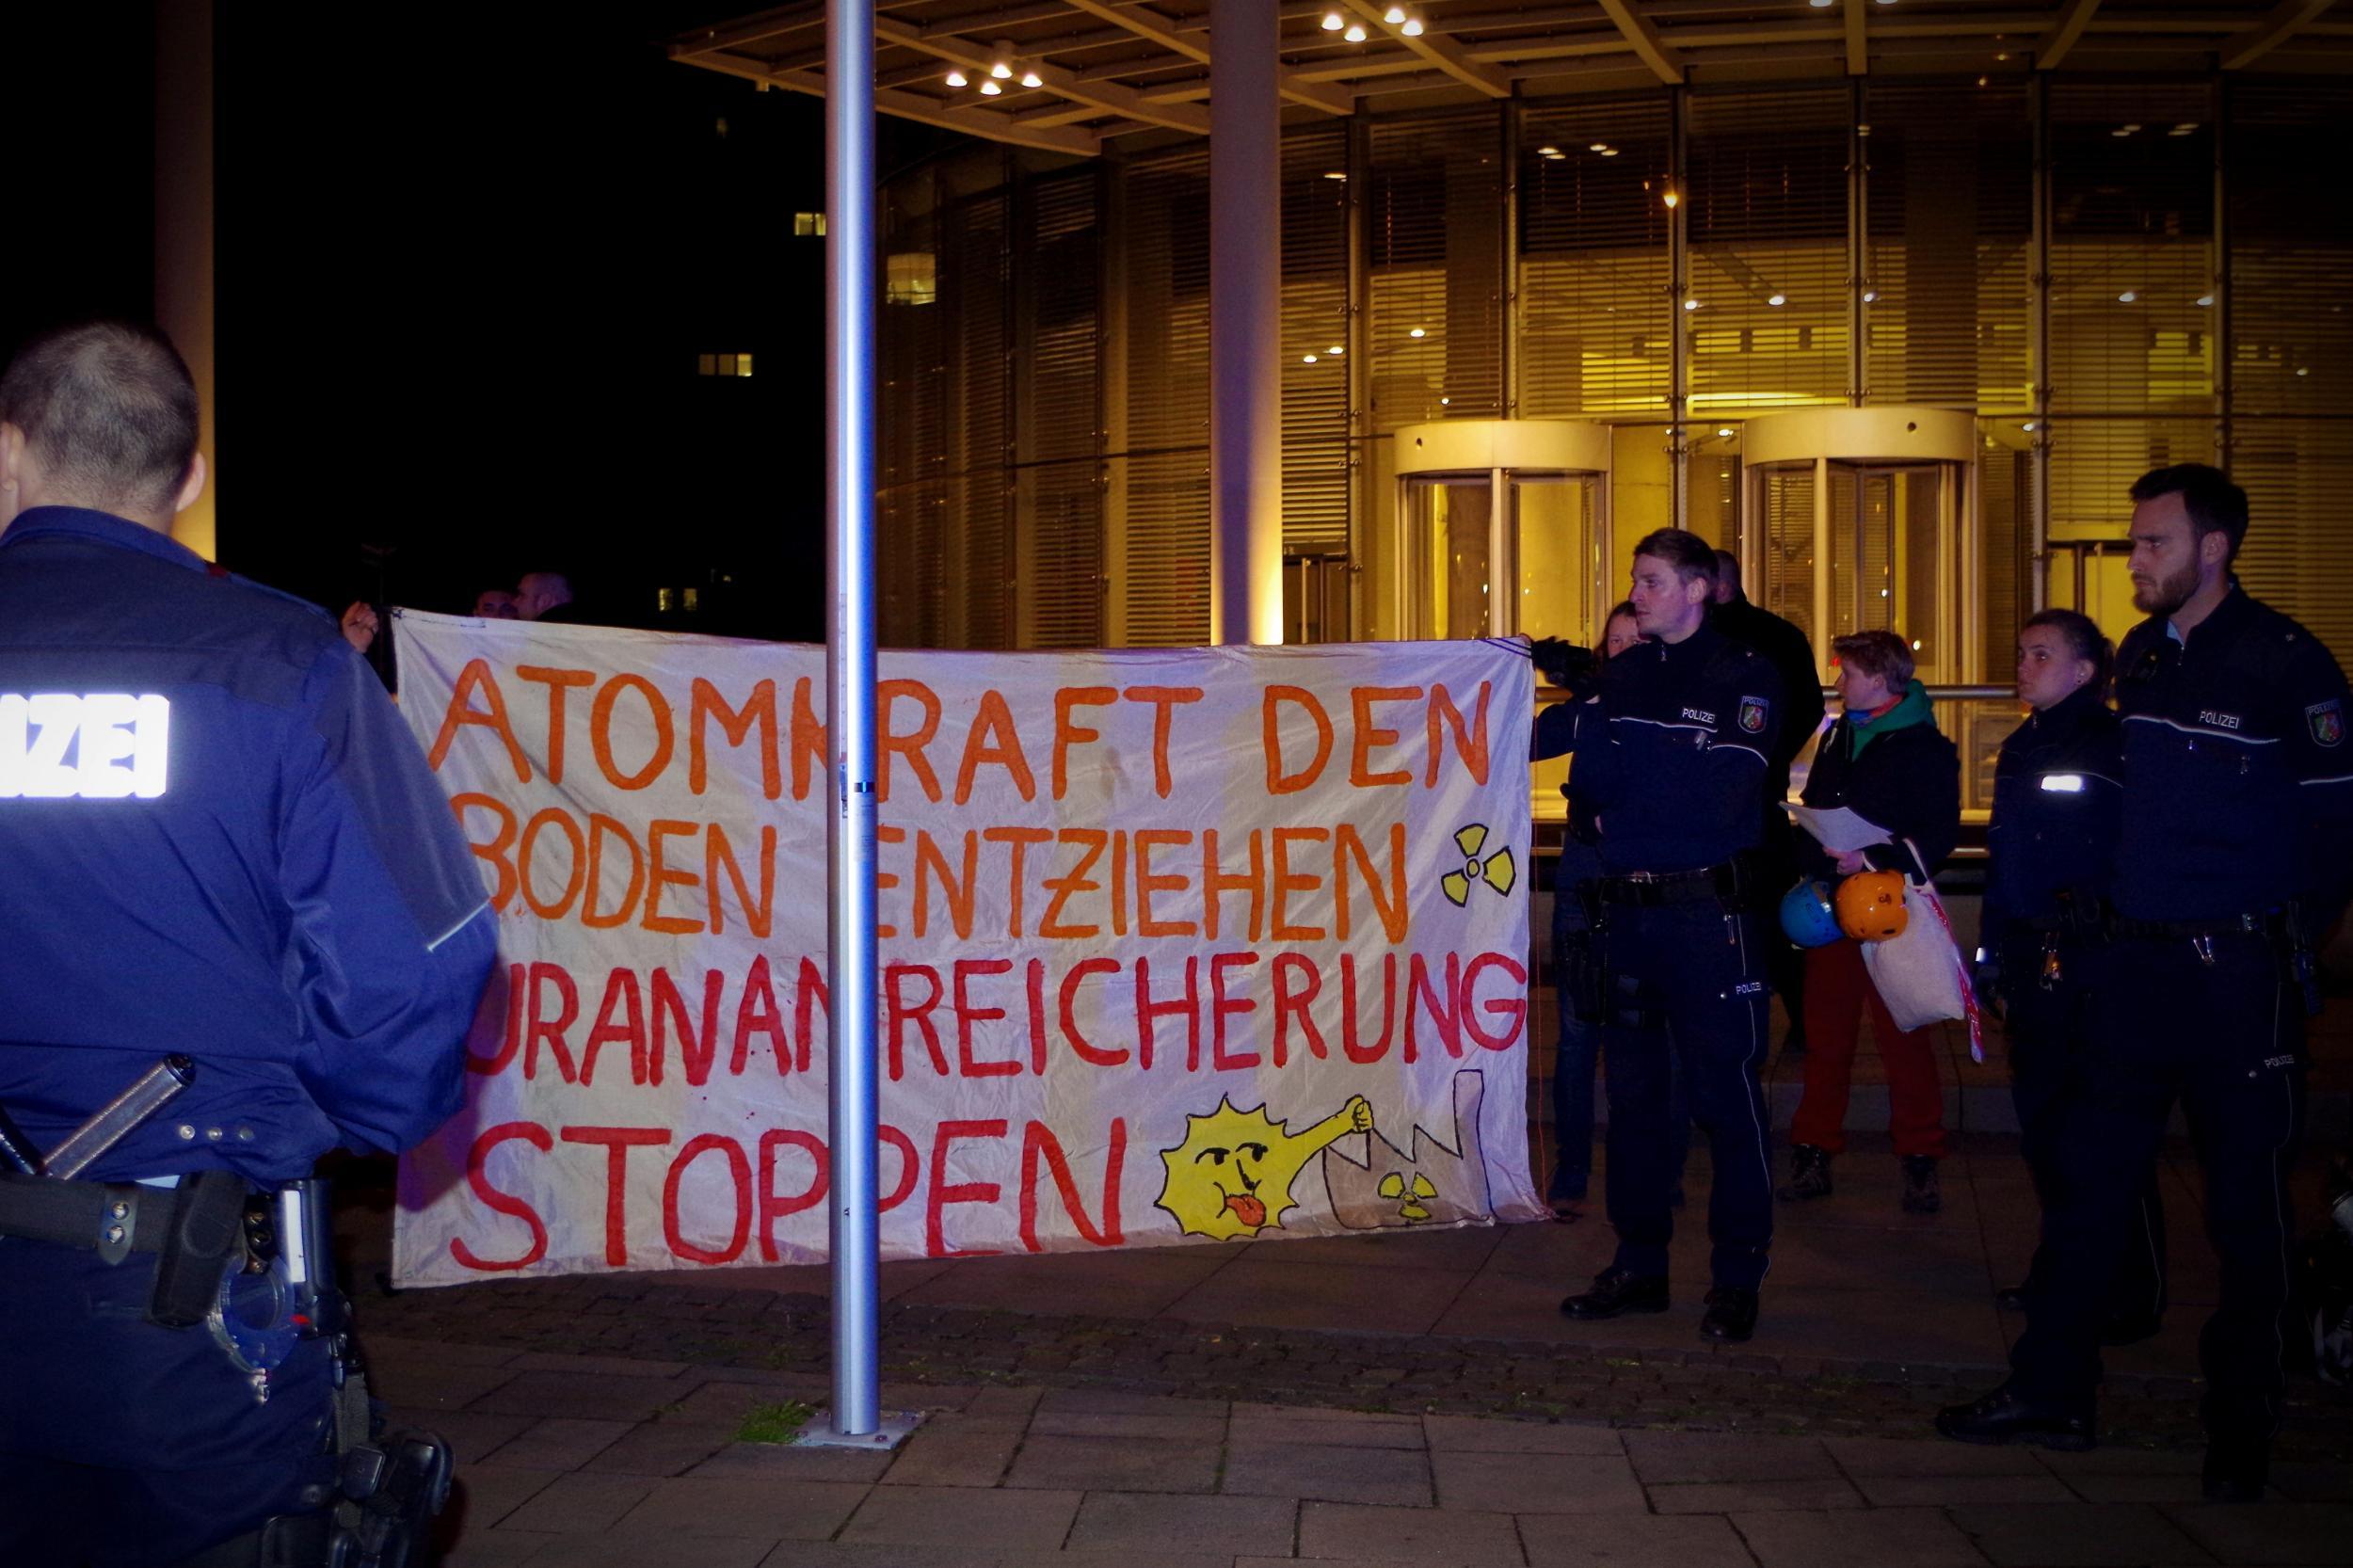 Polizeigewalt gegen Demonstrierenden bei Protestaktion gegen RWE